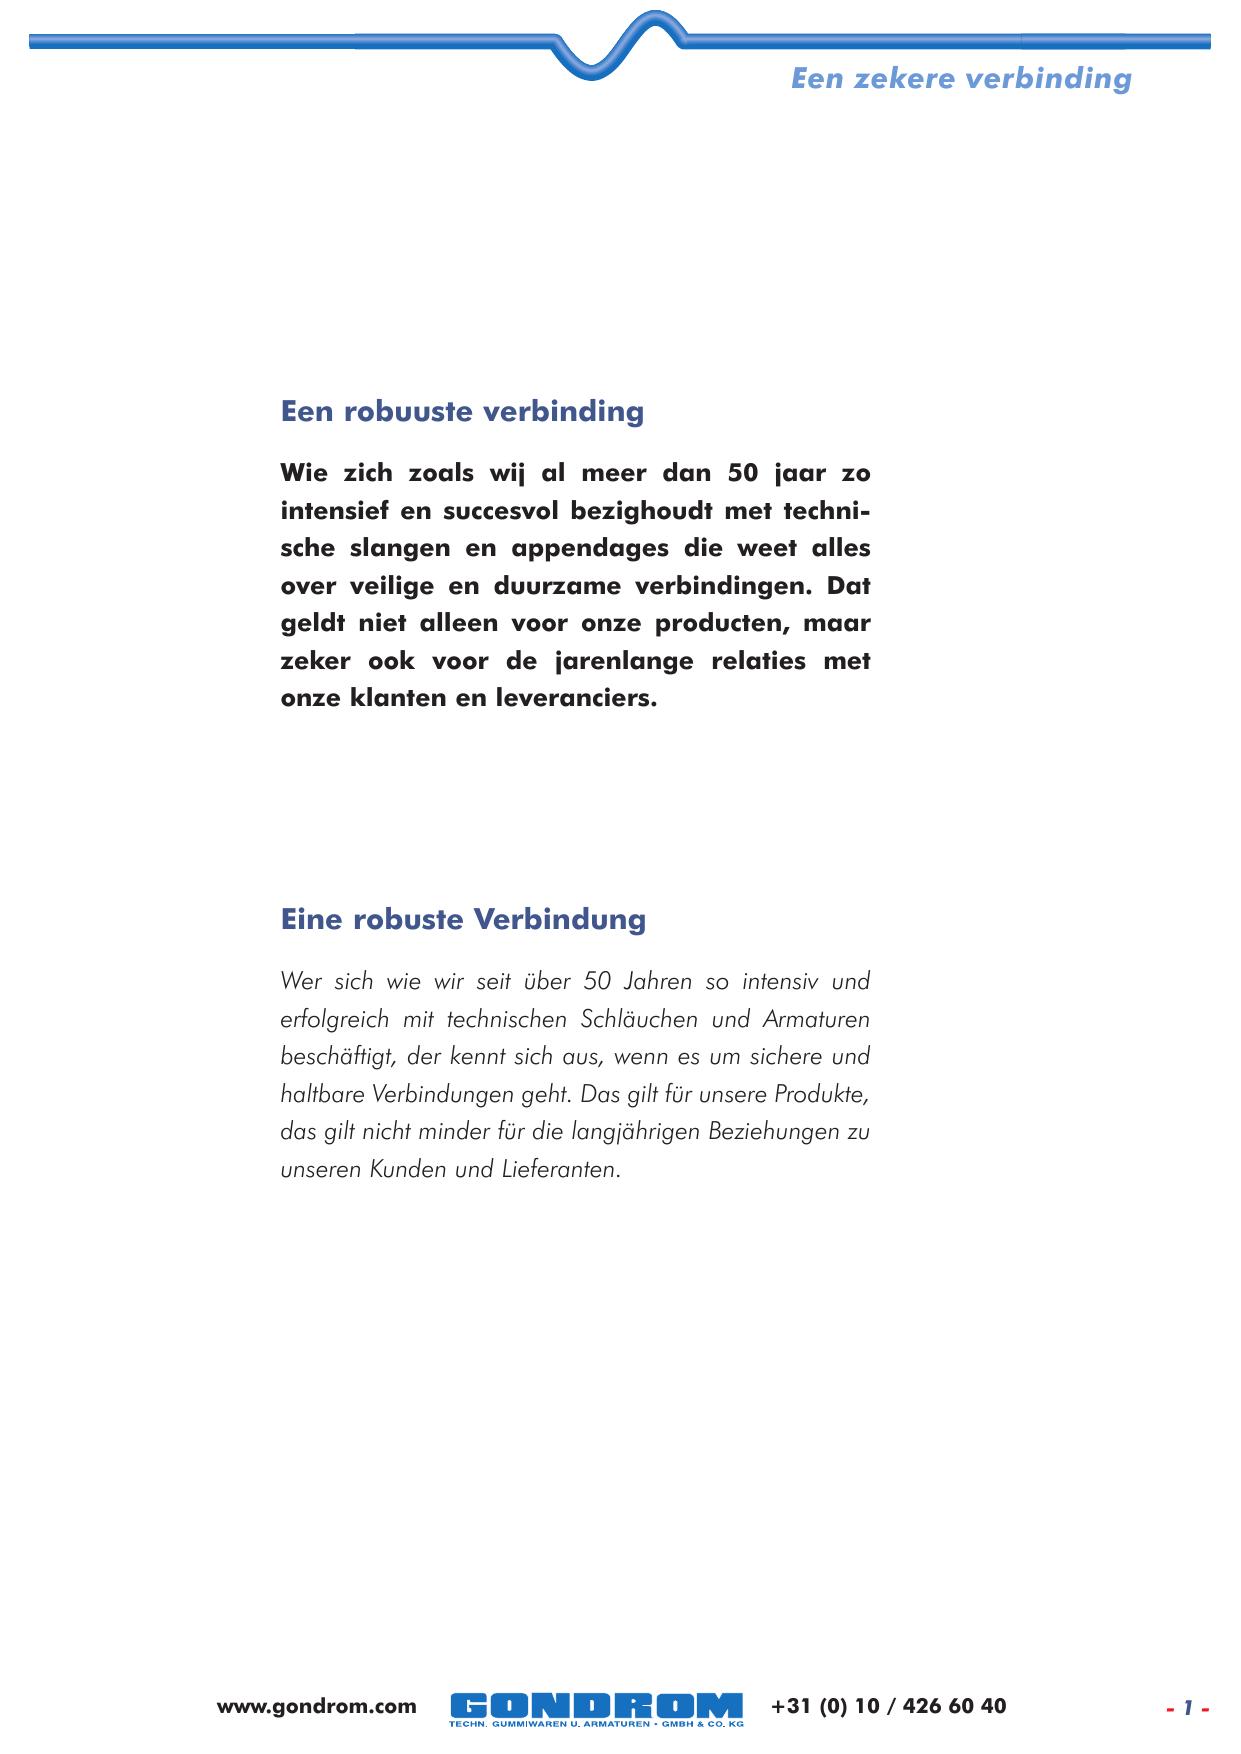 Catalogus - Walter Gondrom & Co. KG | manualzz.com